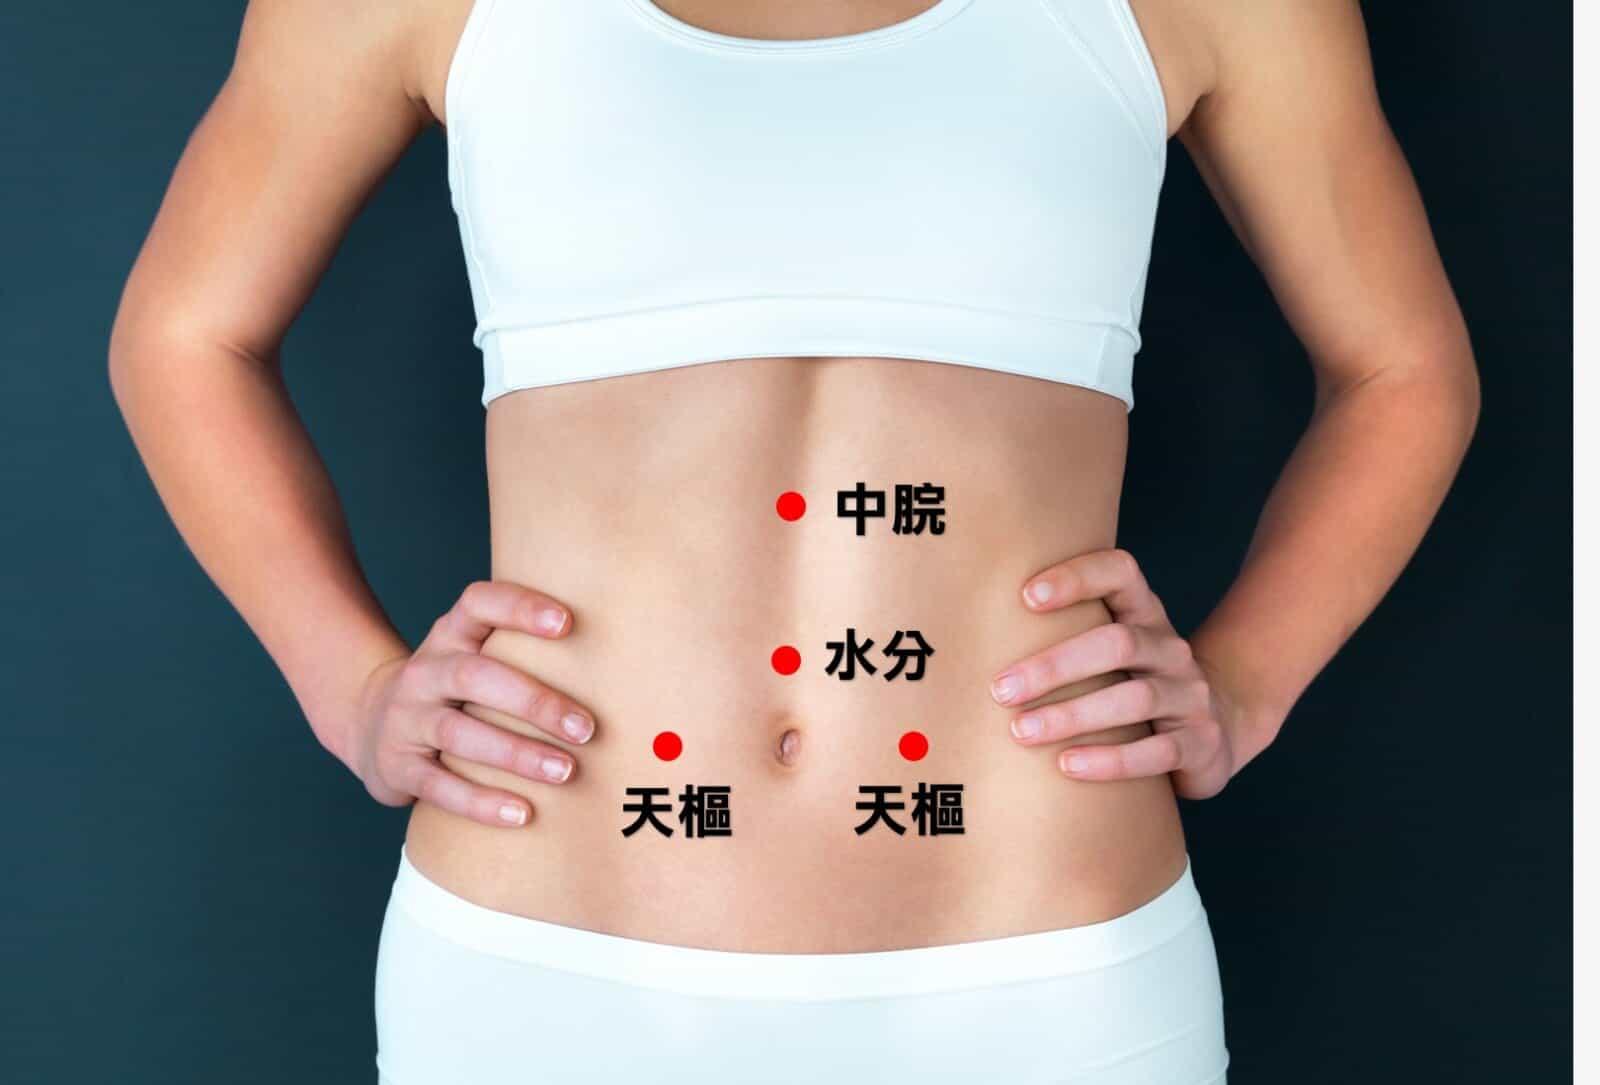 【趕走豬腩肉】穴位按摩有助回復小蠻腰?中醫教你3個腹部減肥穴位